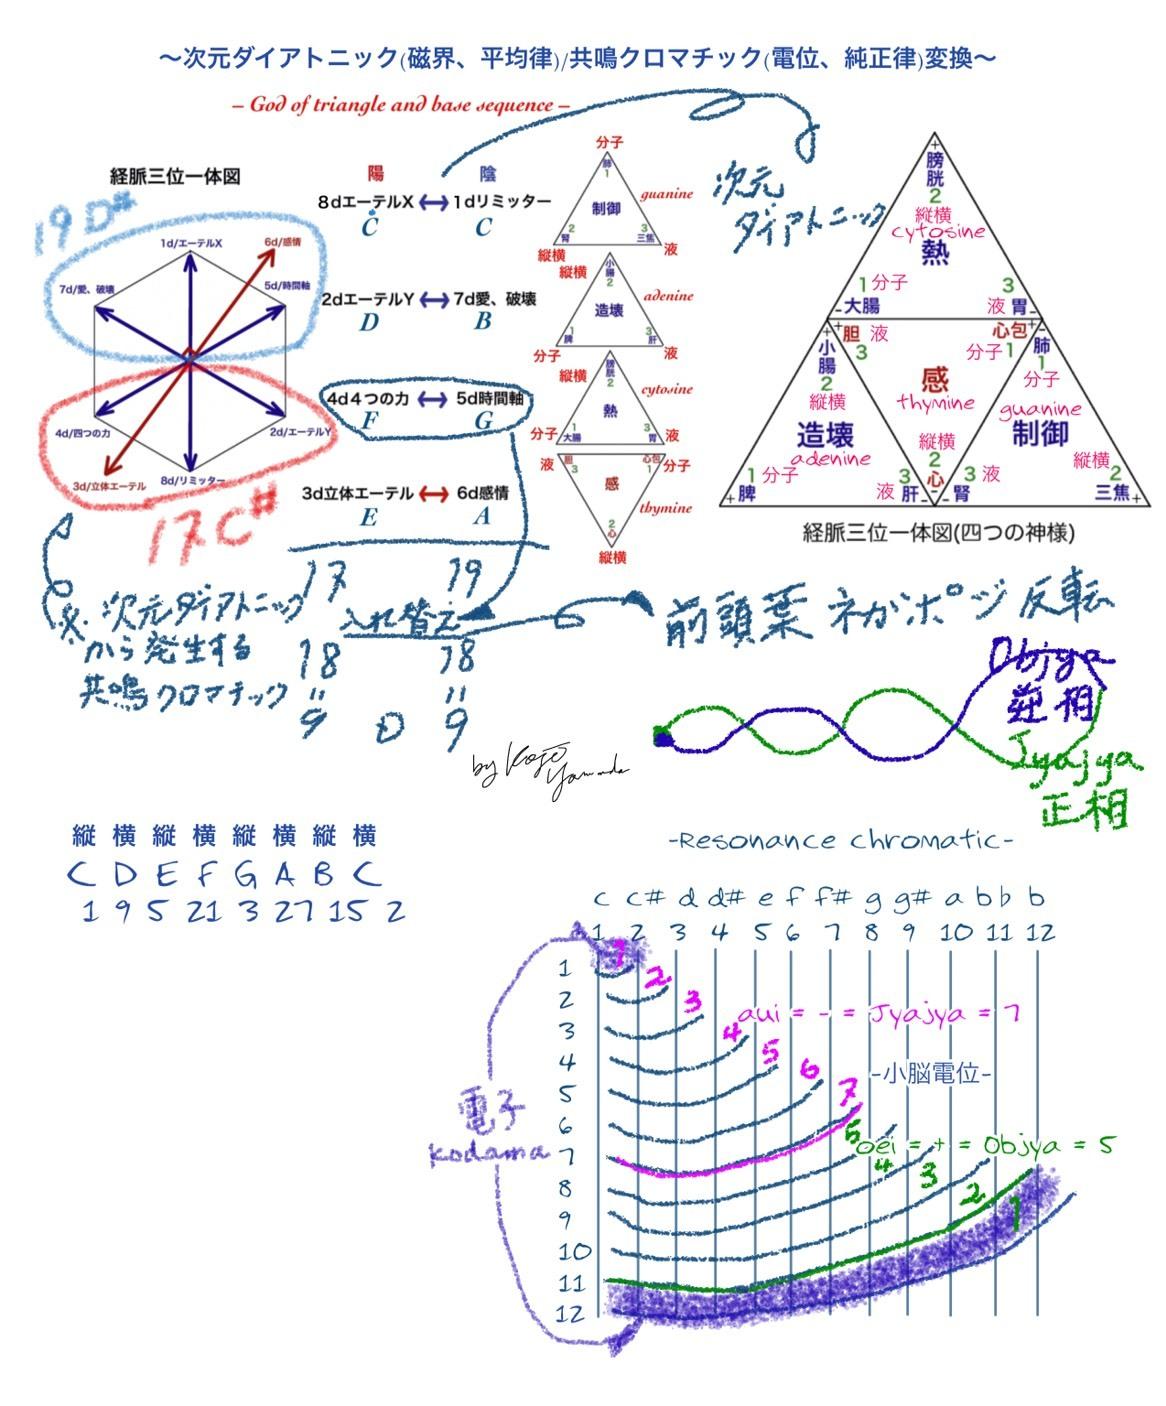 図_三角の神様と基礎波動相関図